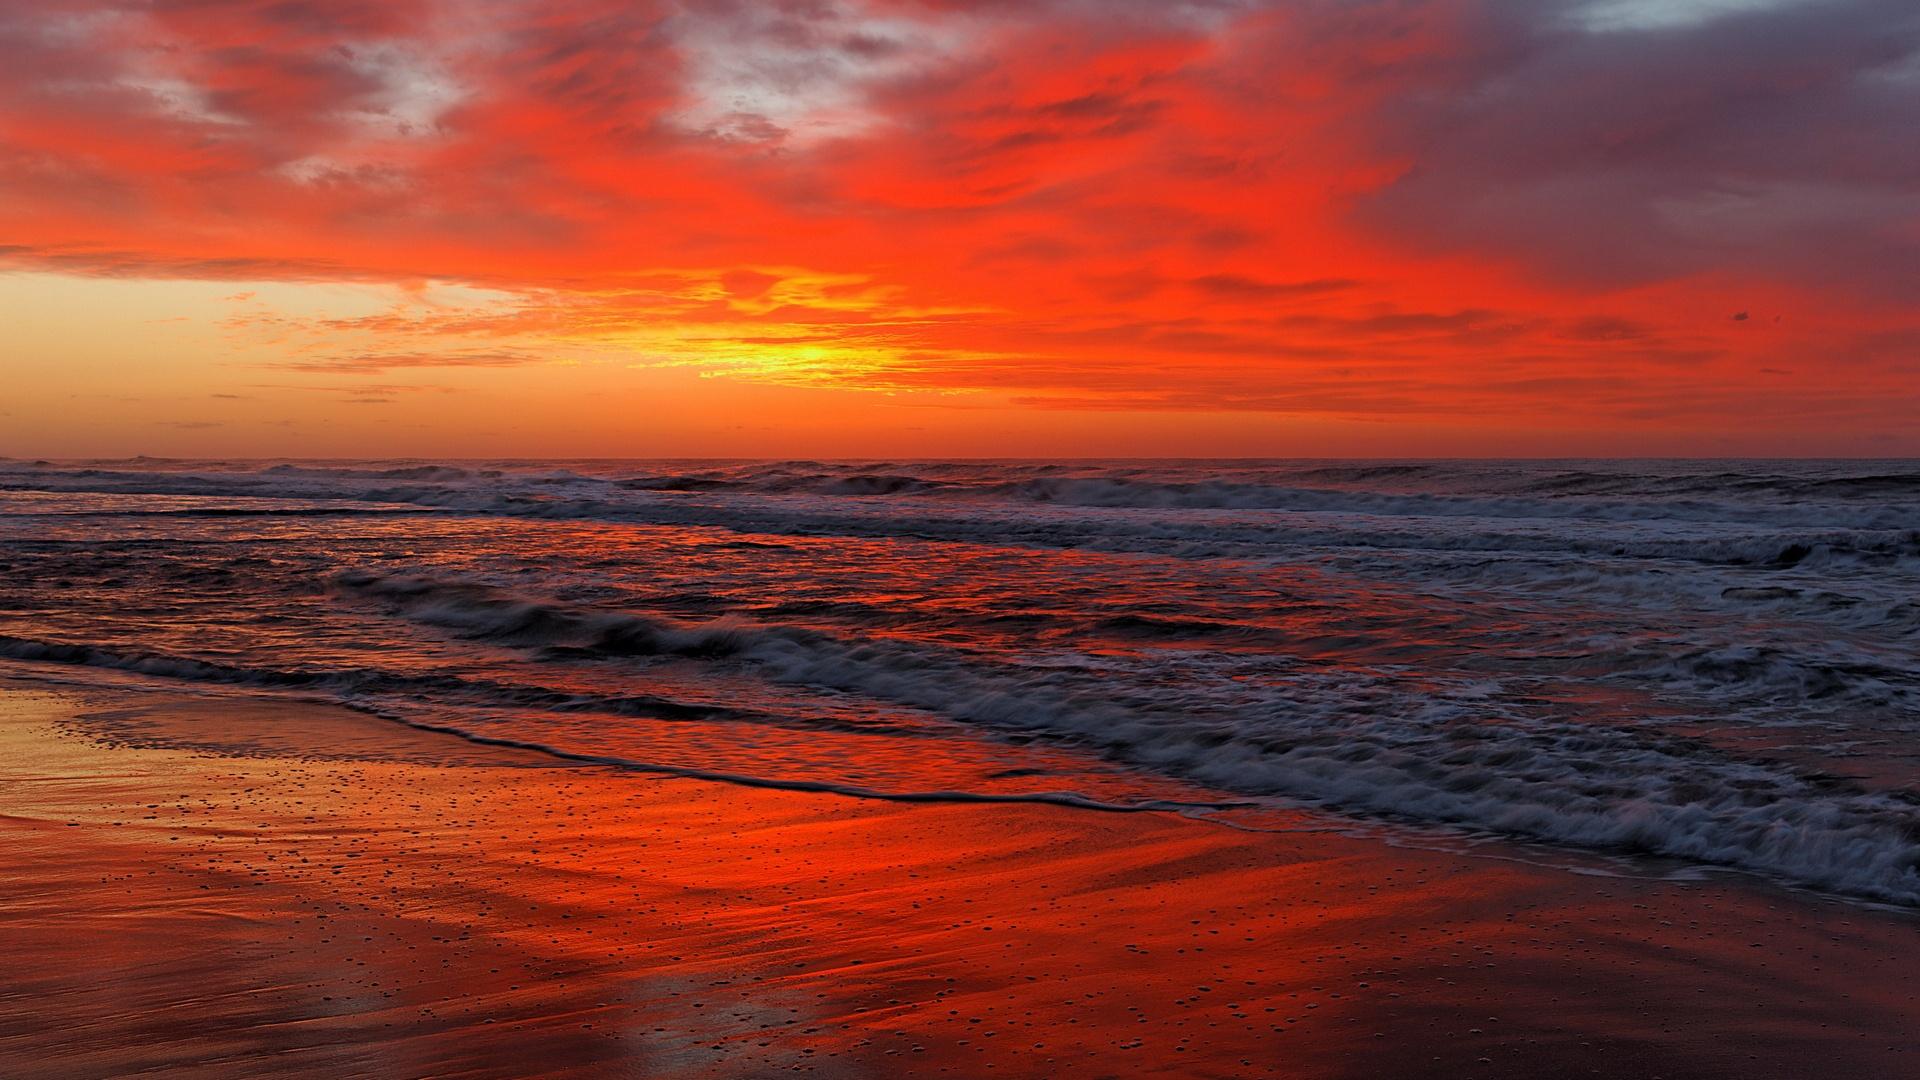 Sunset desktop background